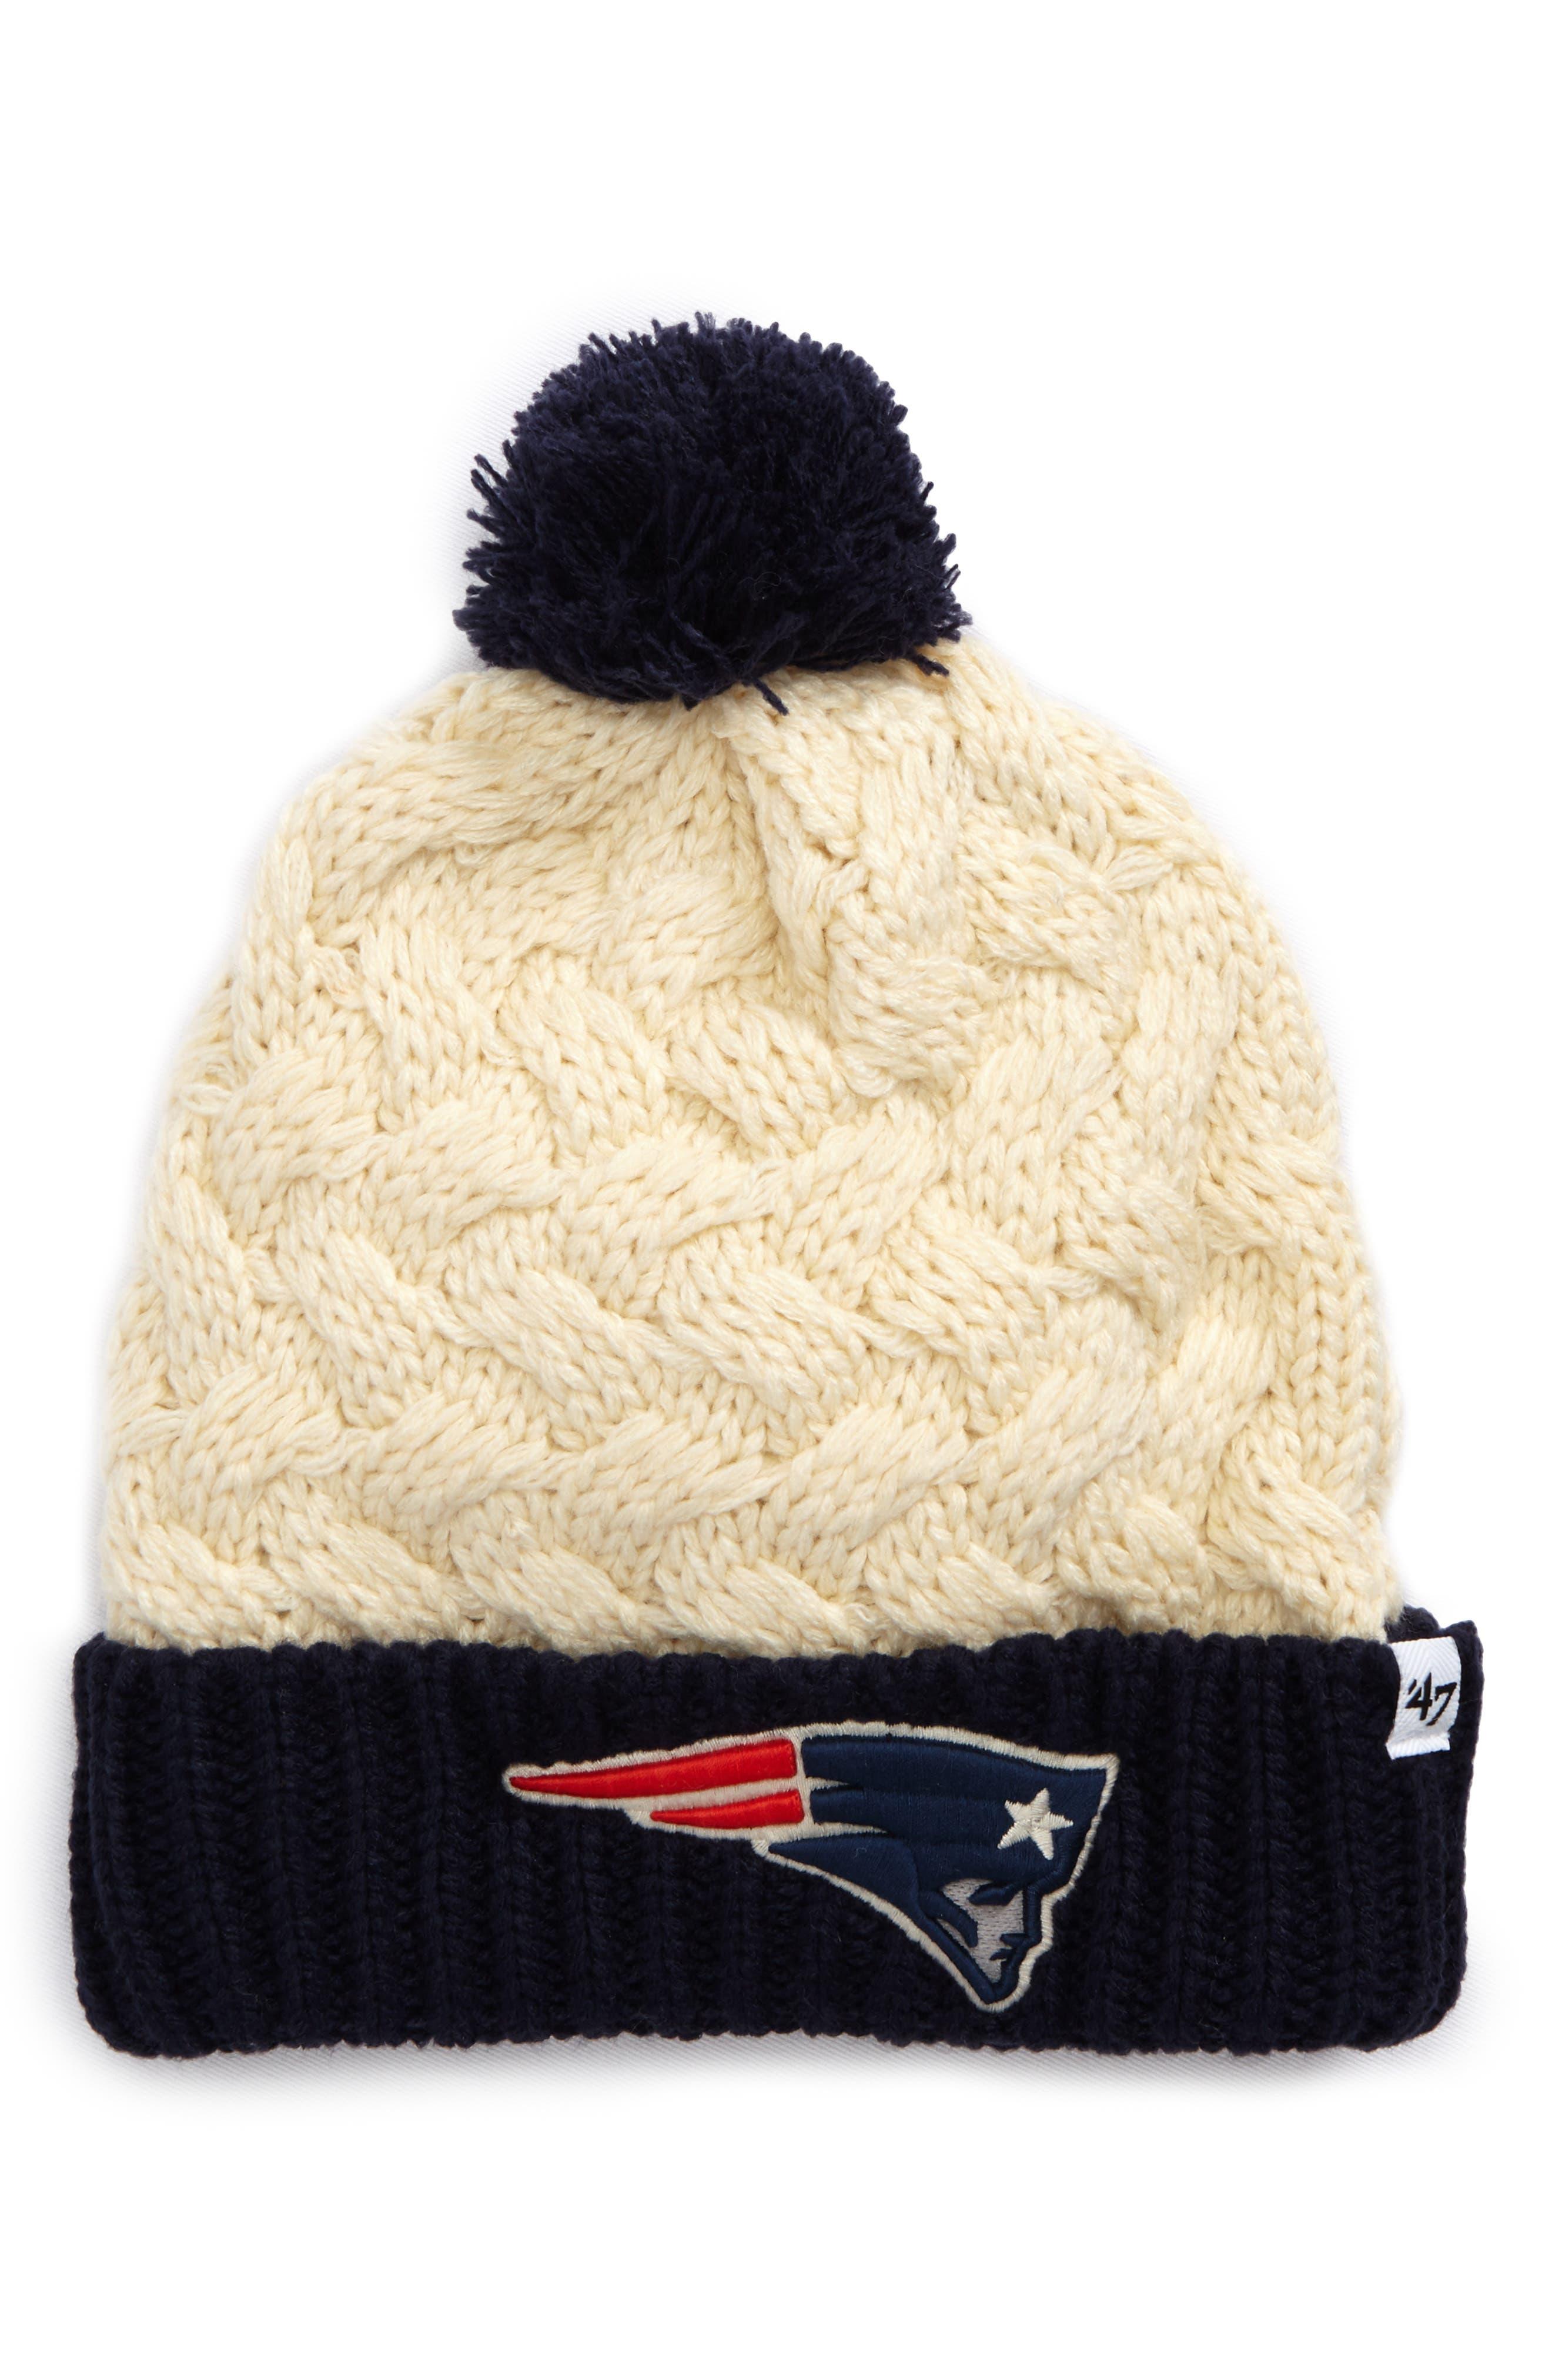 '47 New England Patriots Pom Beanie